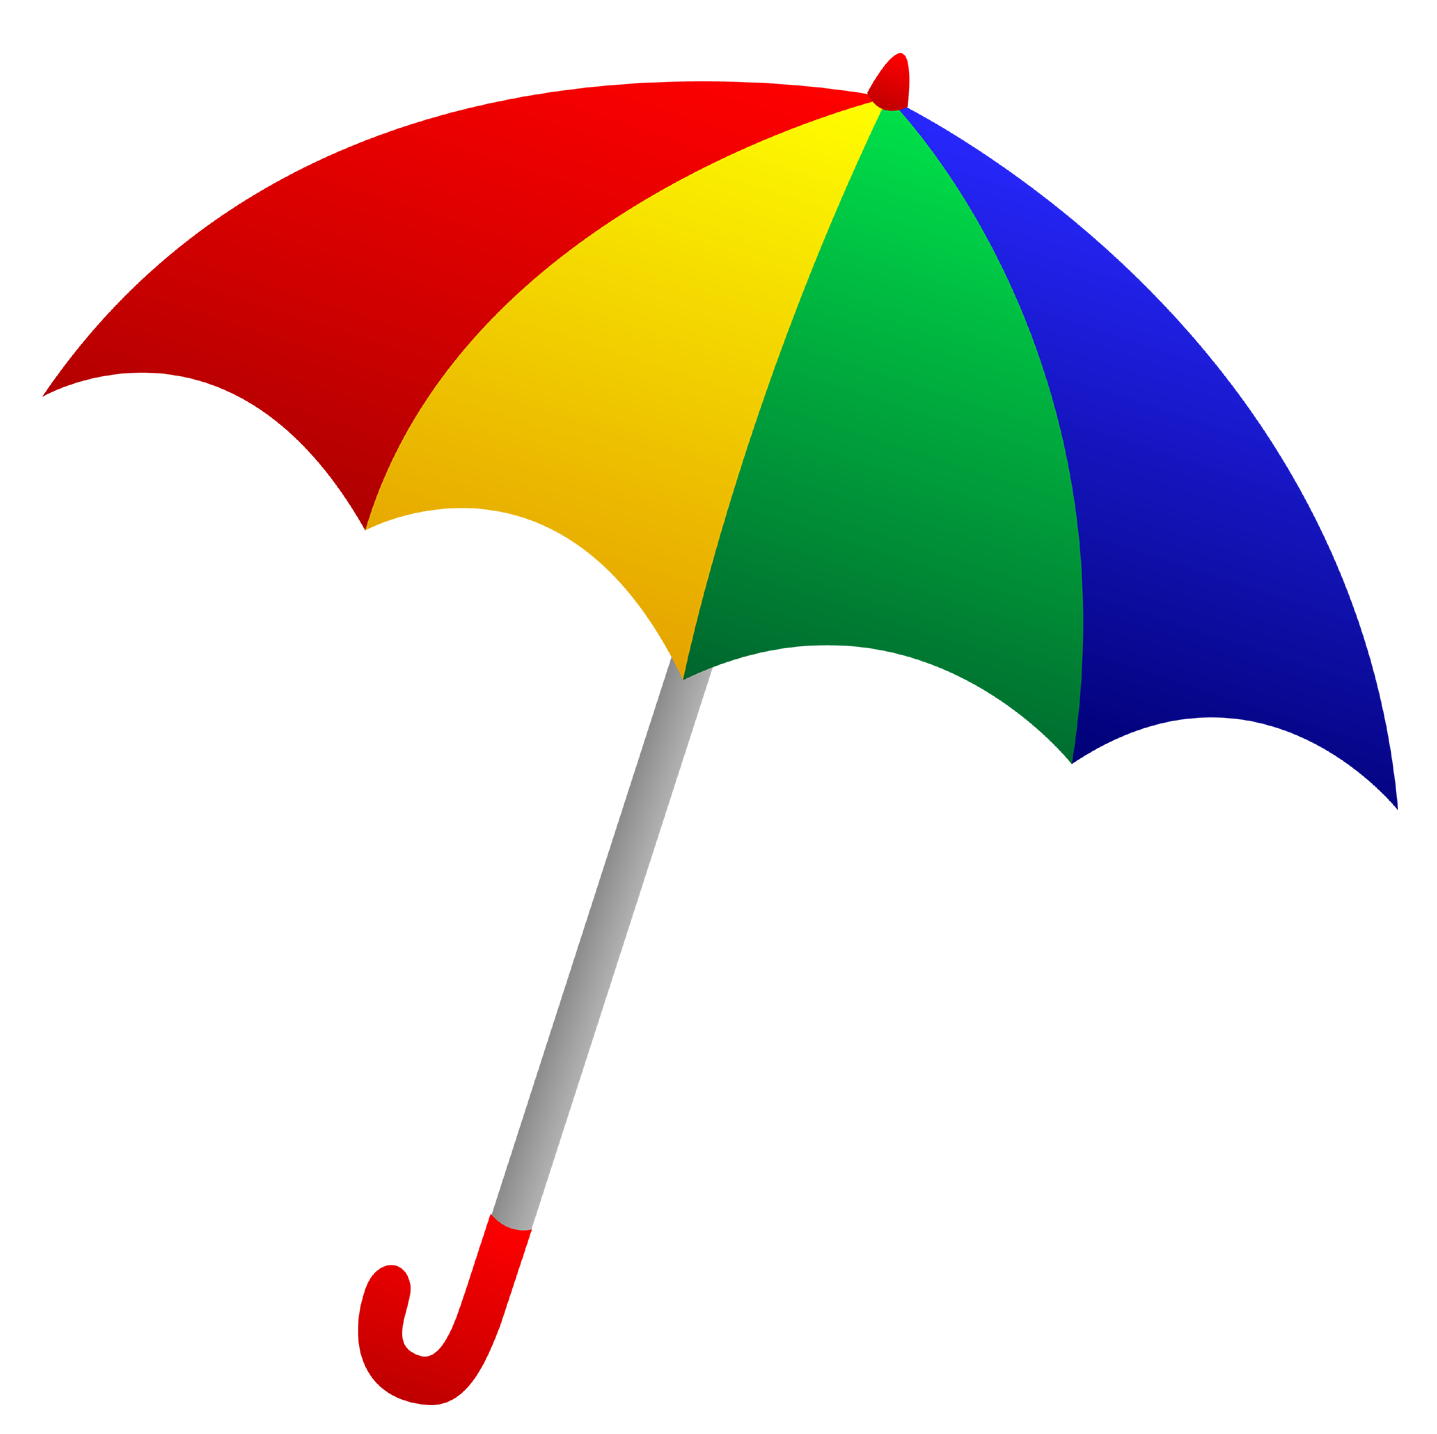 umbrella png Clipart image .-umbrella png Clipart image .-6